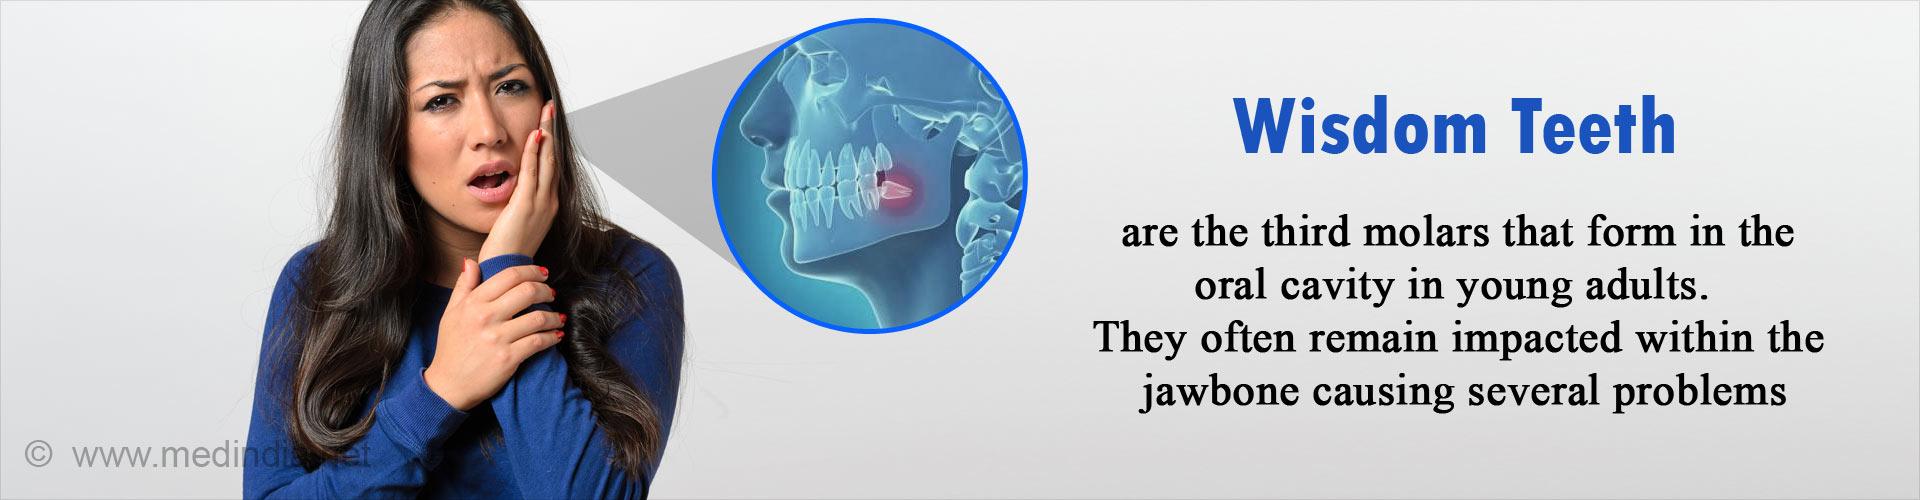 Wisdom Teeth - Symptoms, Signs, Complications & Treatment